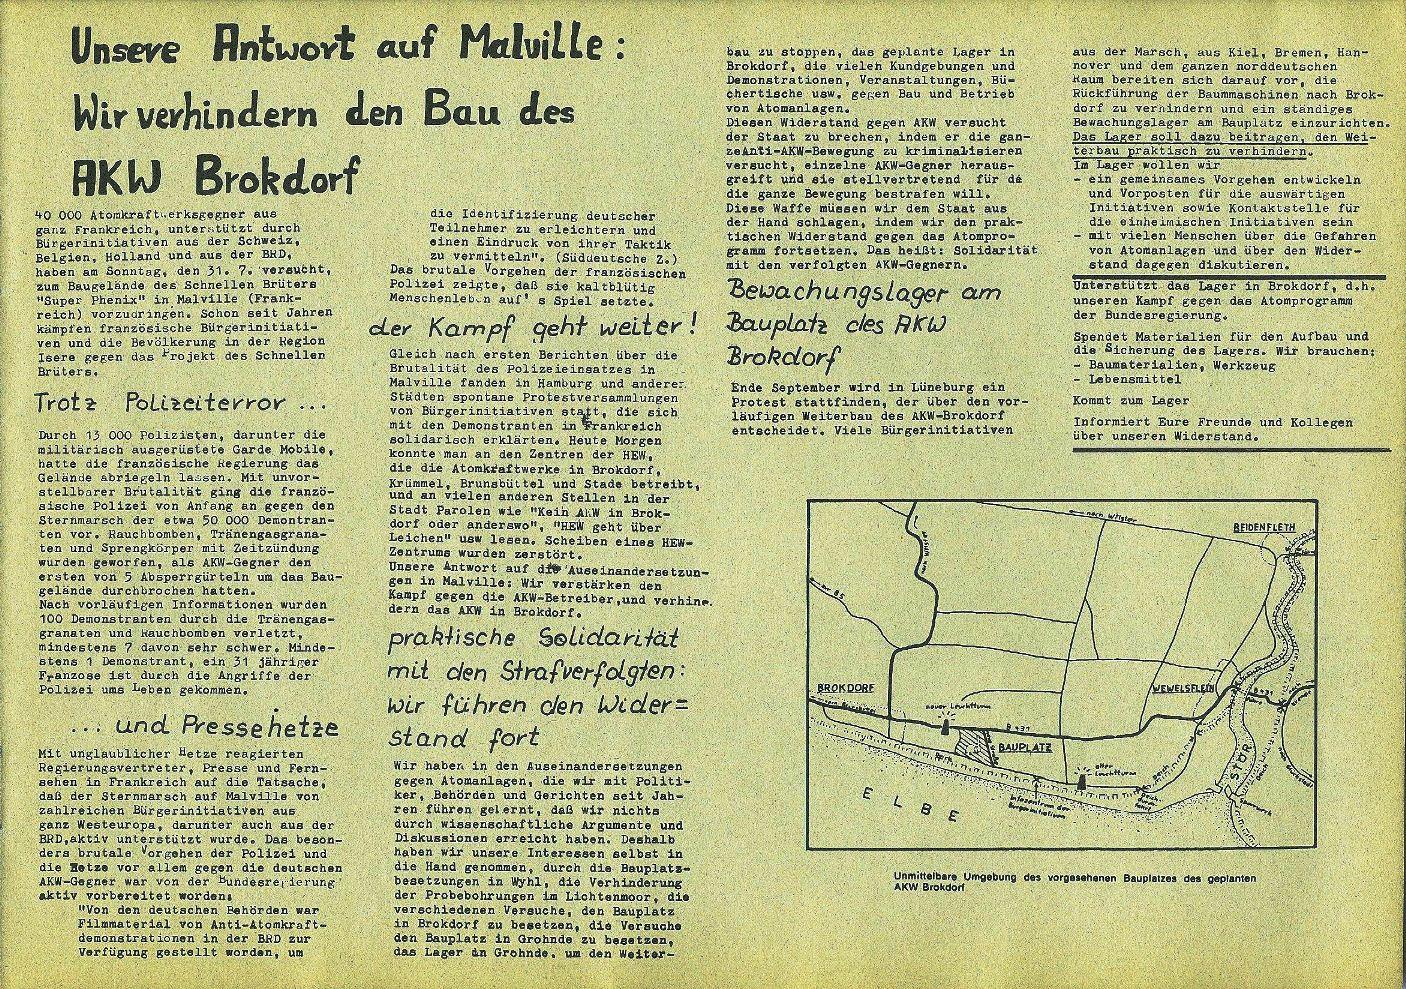 Brokdorf_Bewachungslager062